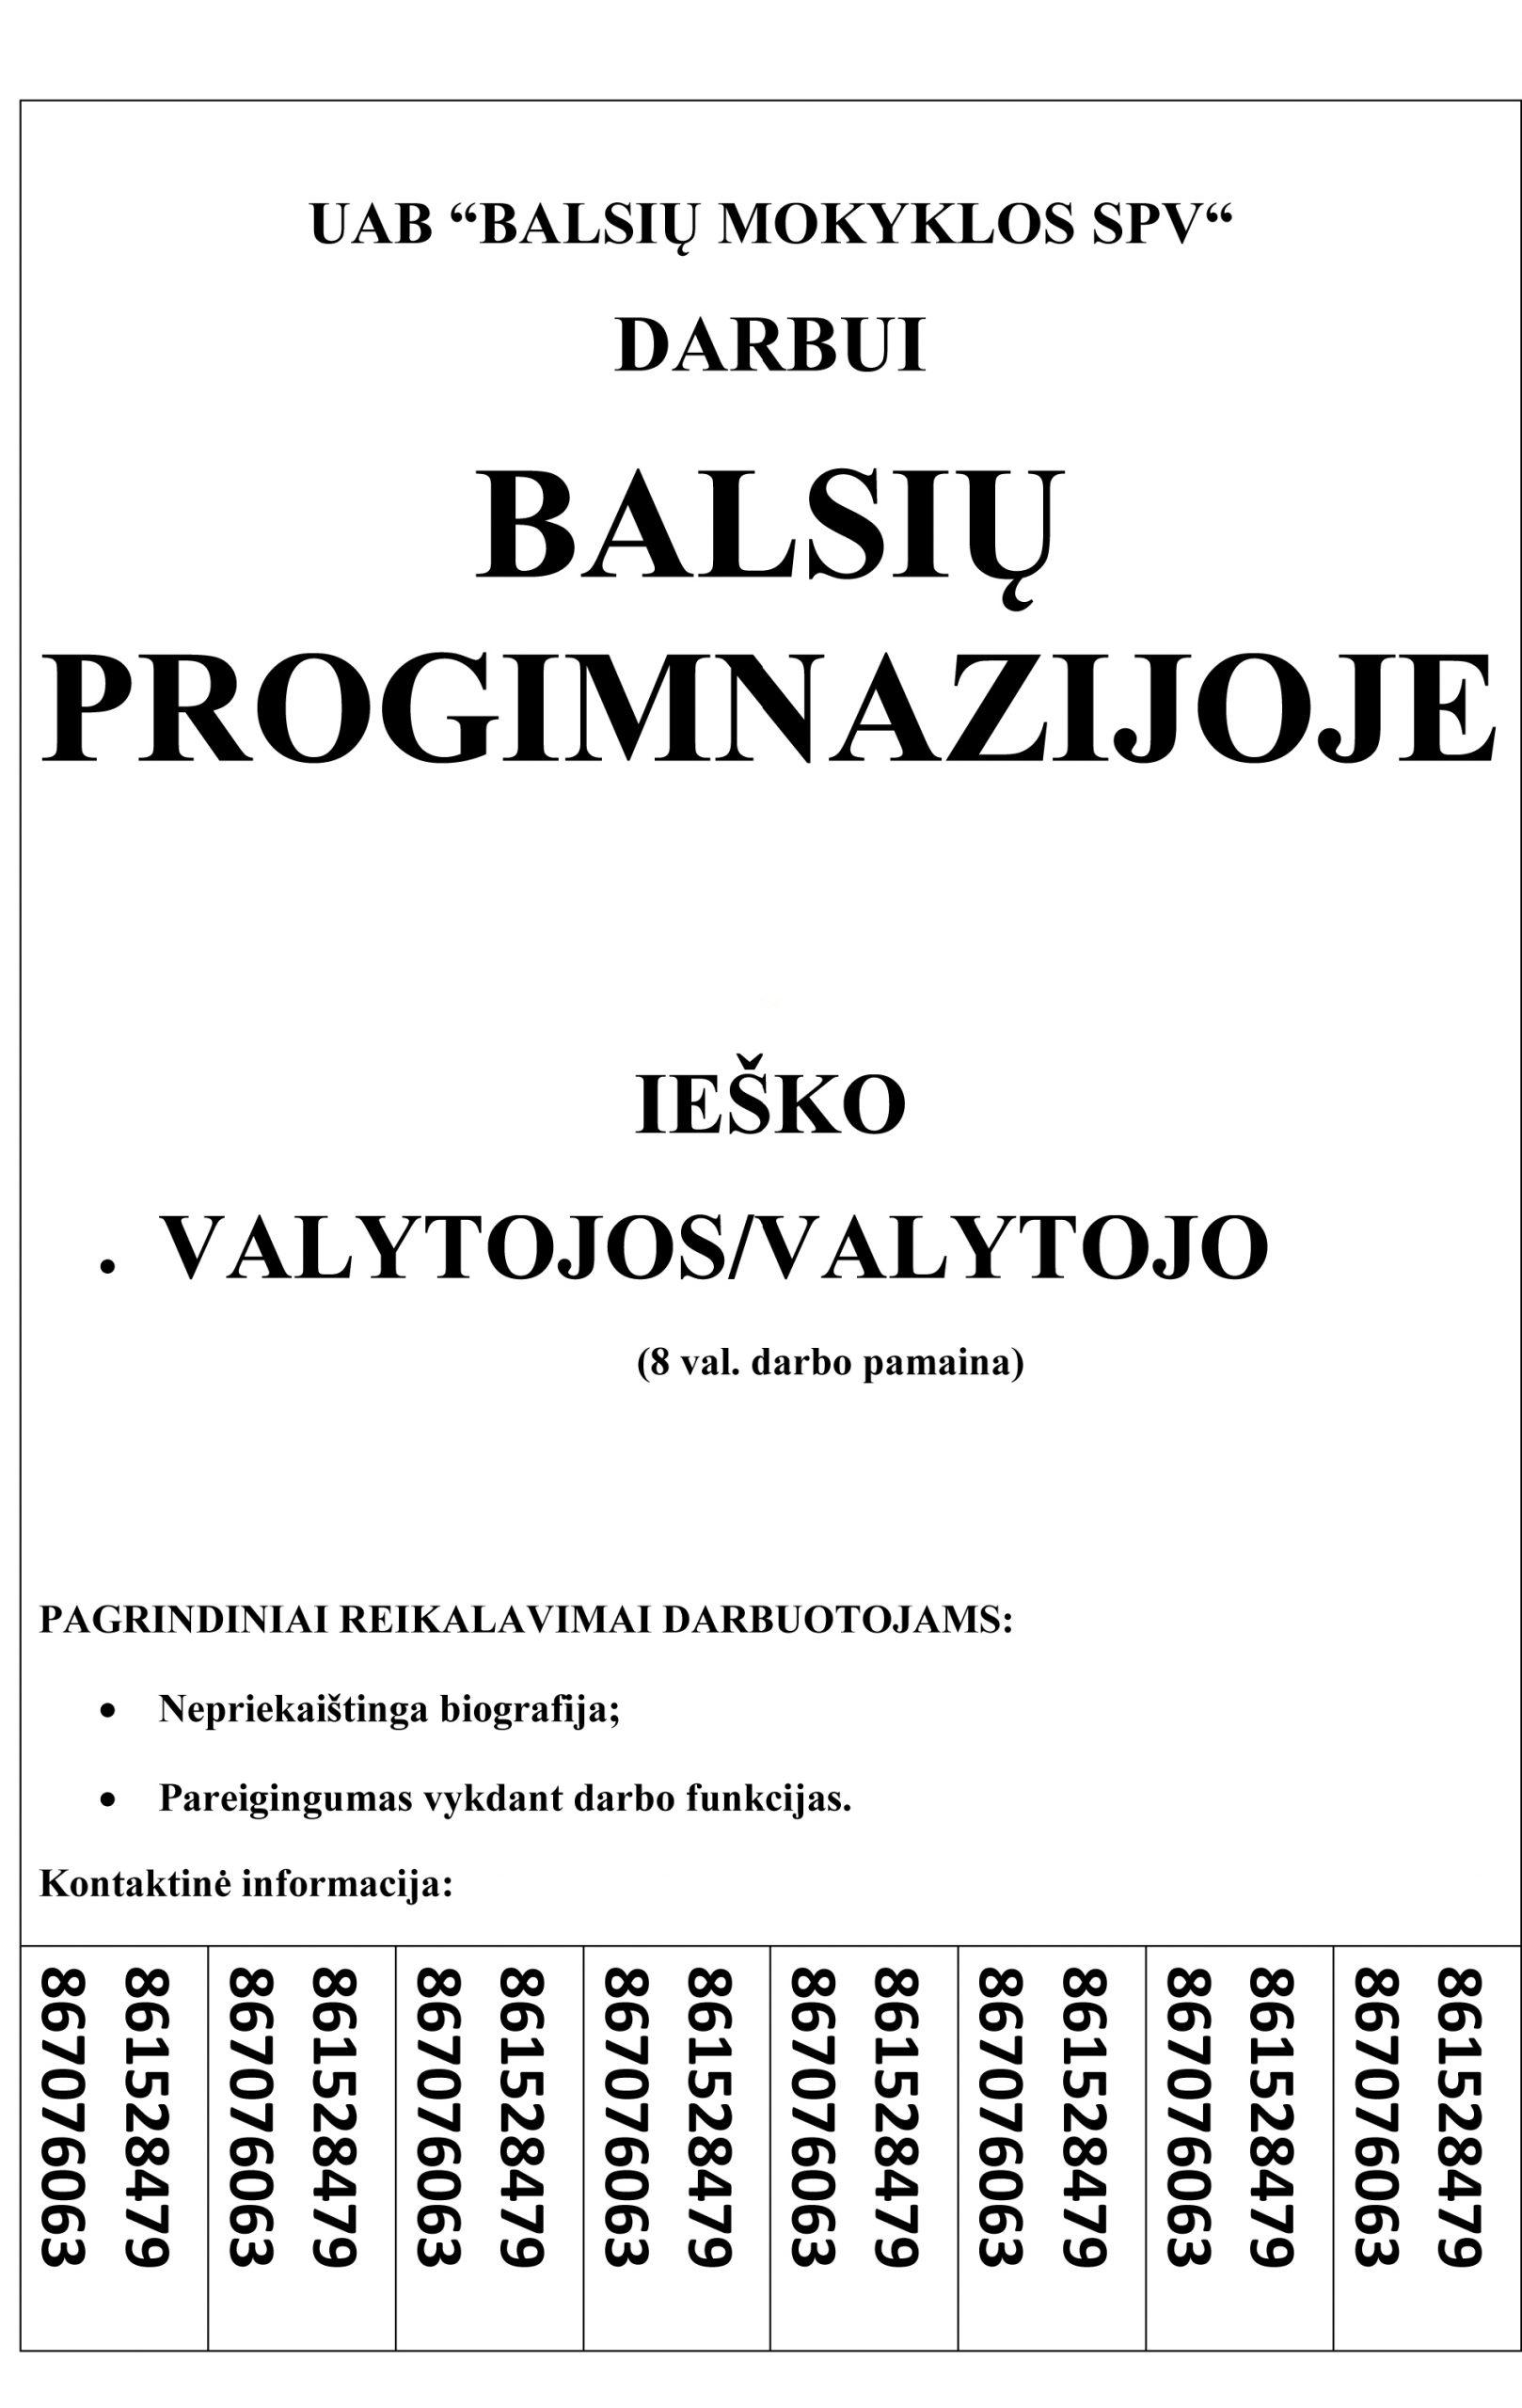 """Darbui Balsių Progimnazijoje, UAB """"Balsių Mokyklos SPV"""" ieško valytojo (-s)"""